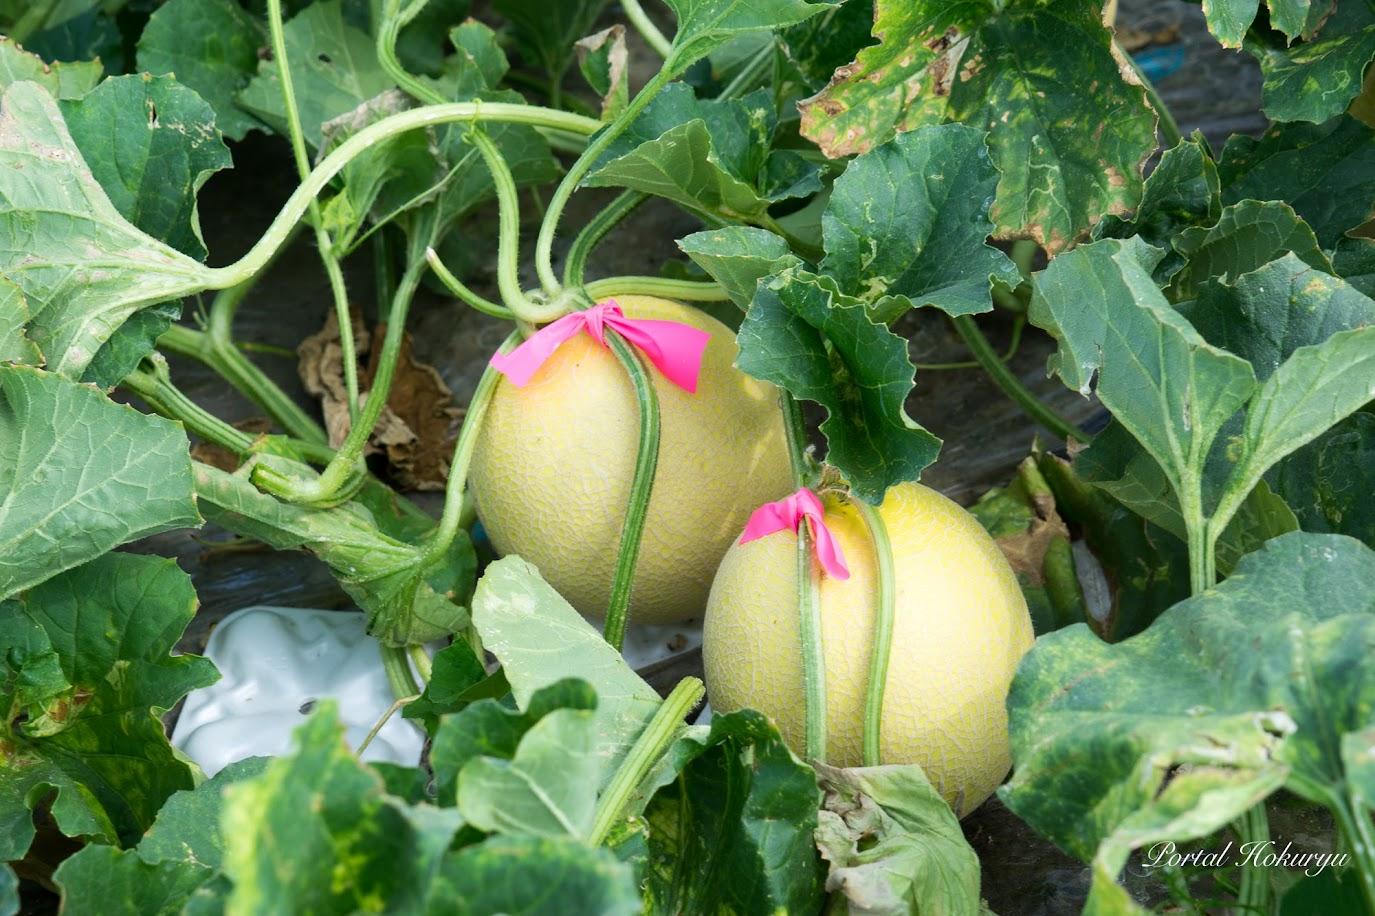 収穫していいメロンには赤いリボンが付けてあります